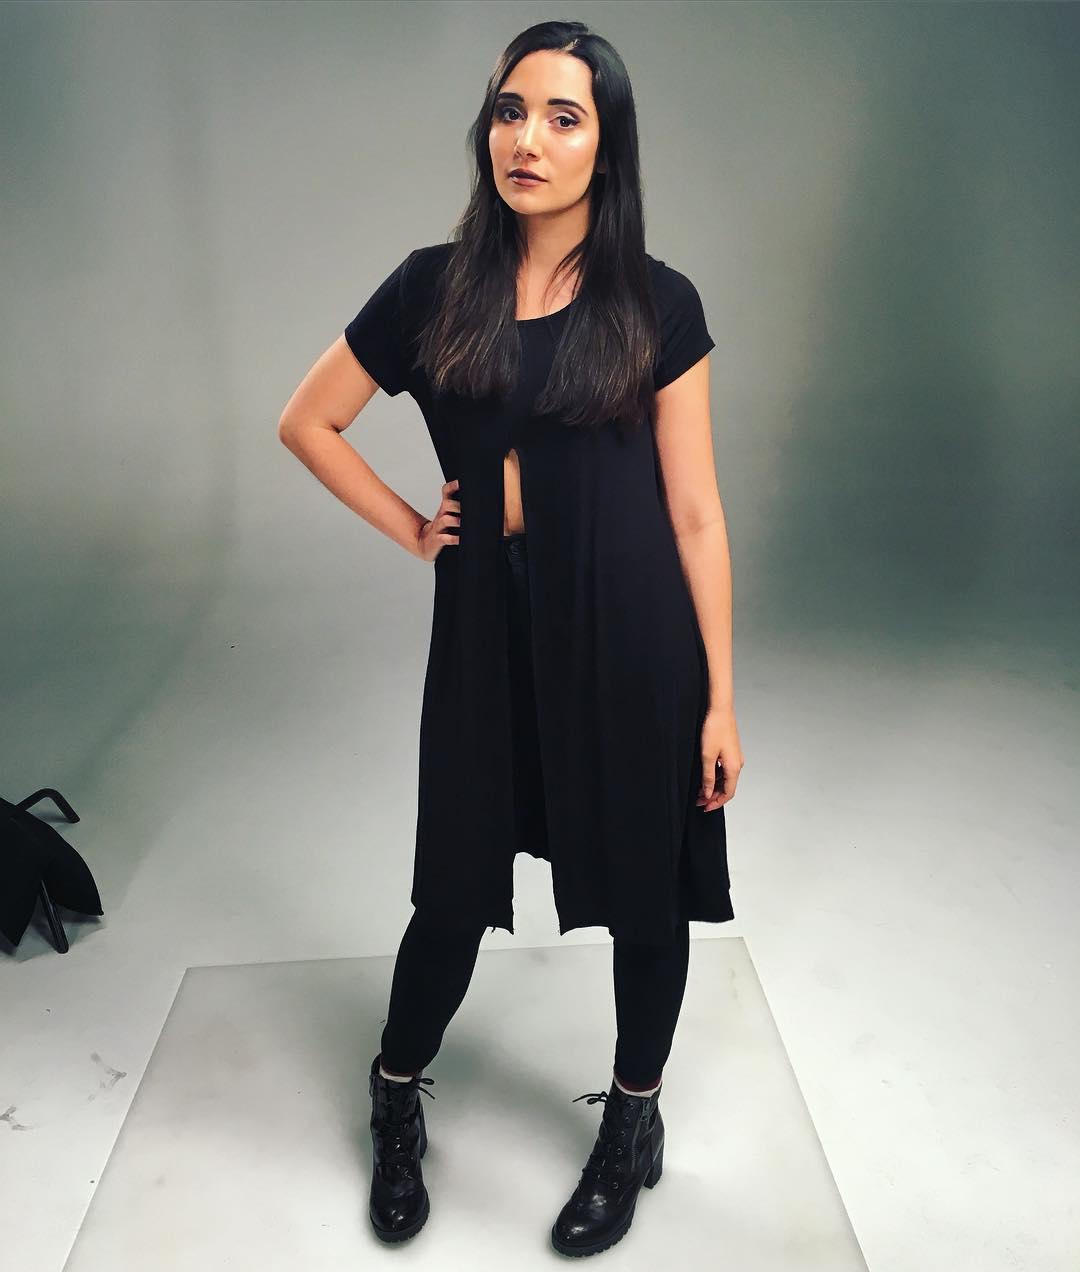 Safiya Nygaard sexy pics